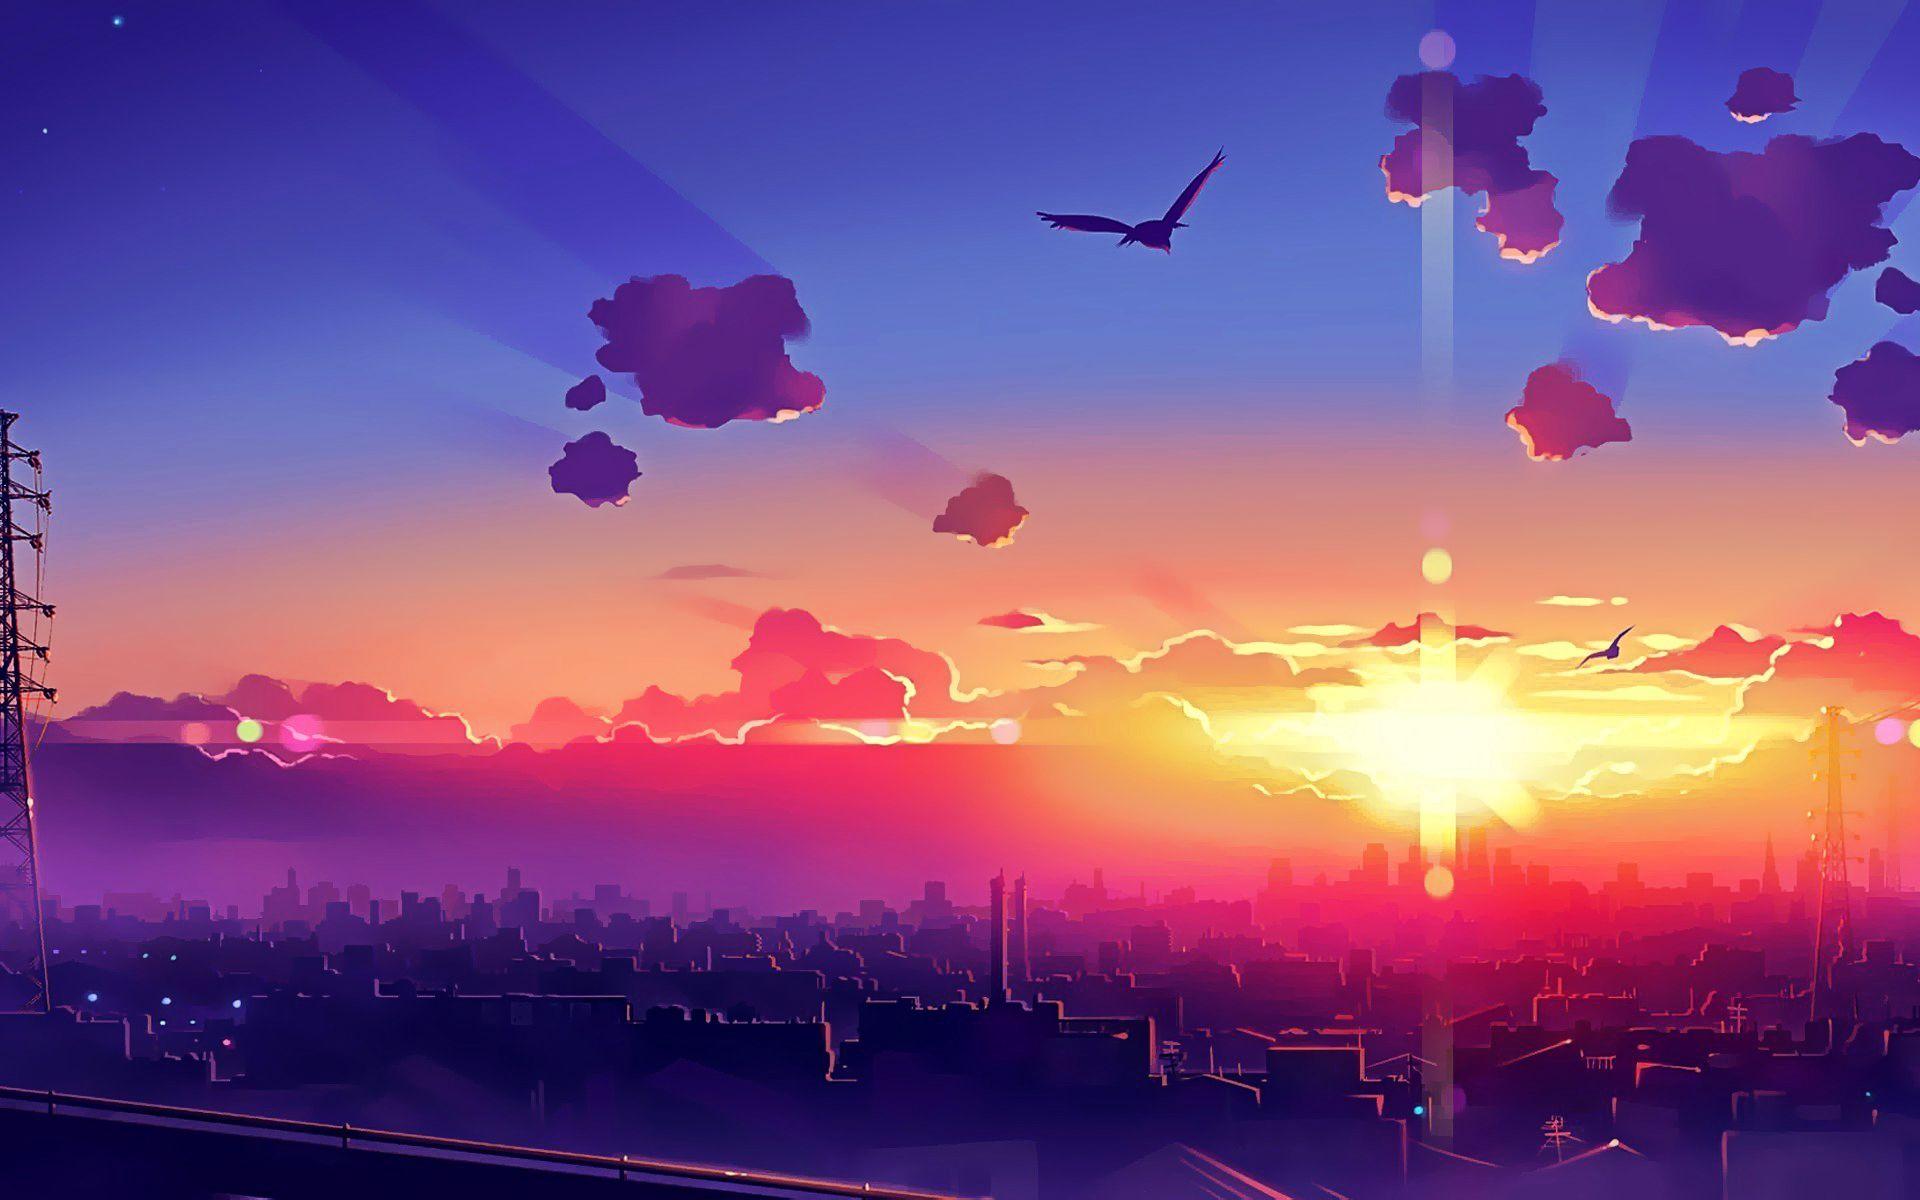 Anime City Sunset Wallpaper Wallpaper trong 2019 Phong